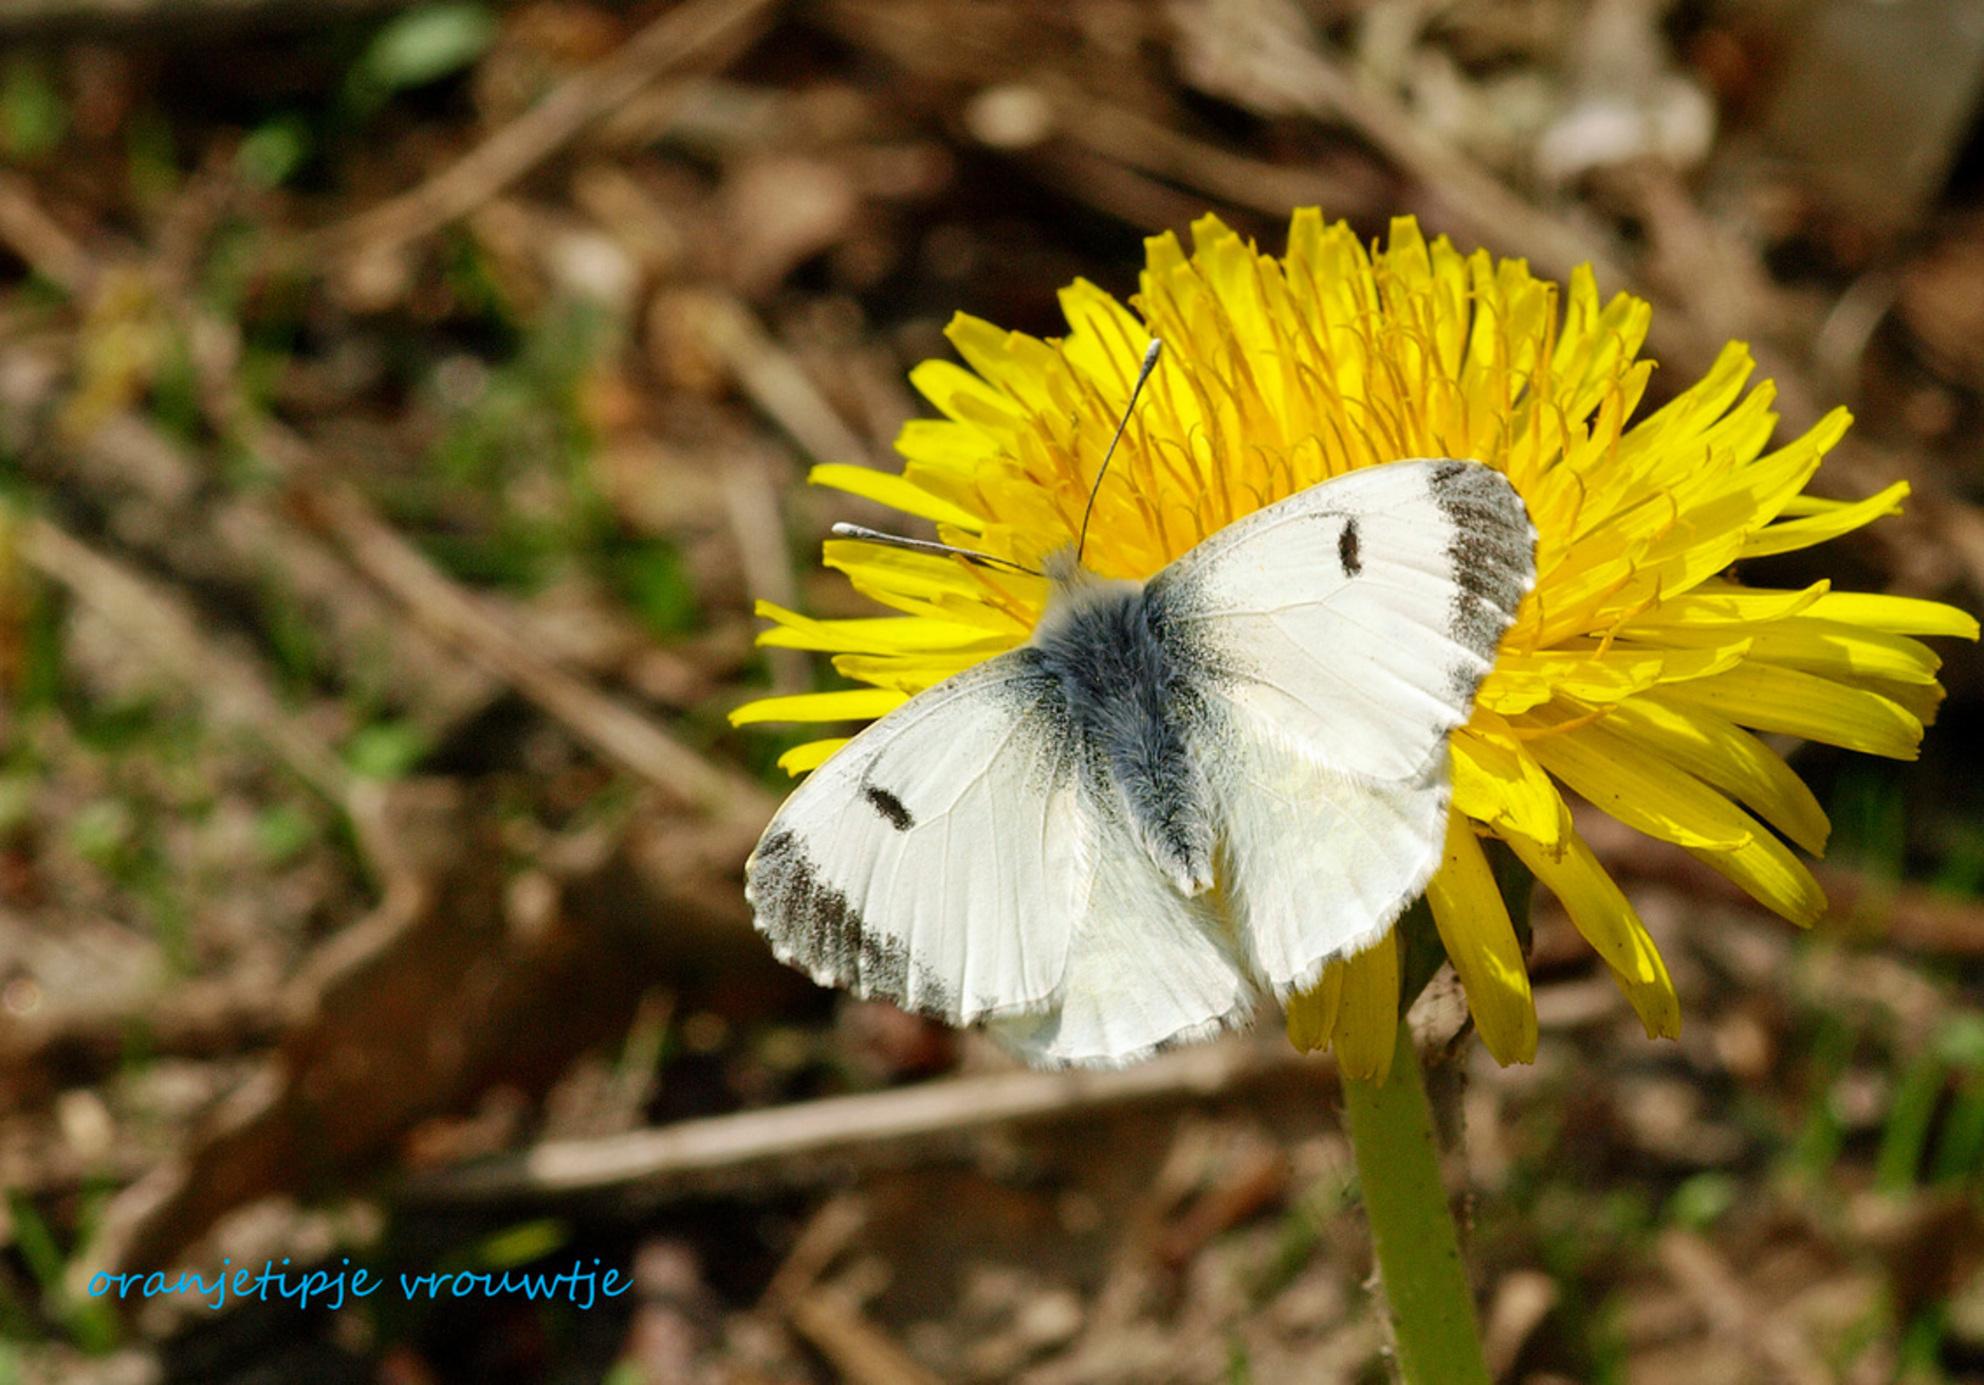 oranjetipje vrouwtje - Deze vlinder zit amper enkele seconden stil. Bijna onbegonnen werk om hem te fotograferen. Het vrouwtje op deze foto werkte eventjes mee. Het mannetj - foto door Karientje op 19-04-2009 - deze foto bevat: vlinder